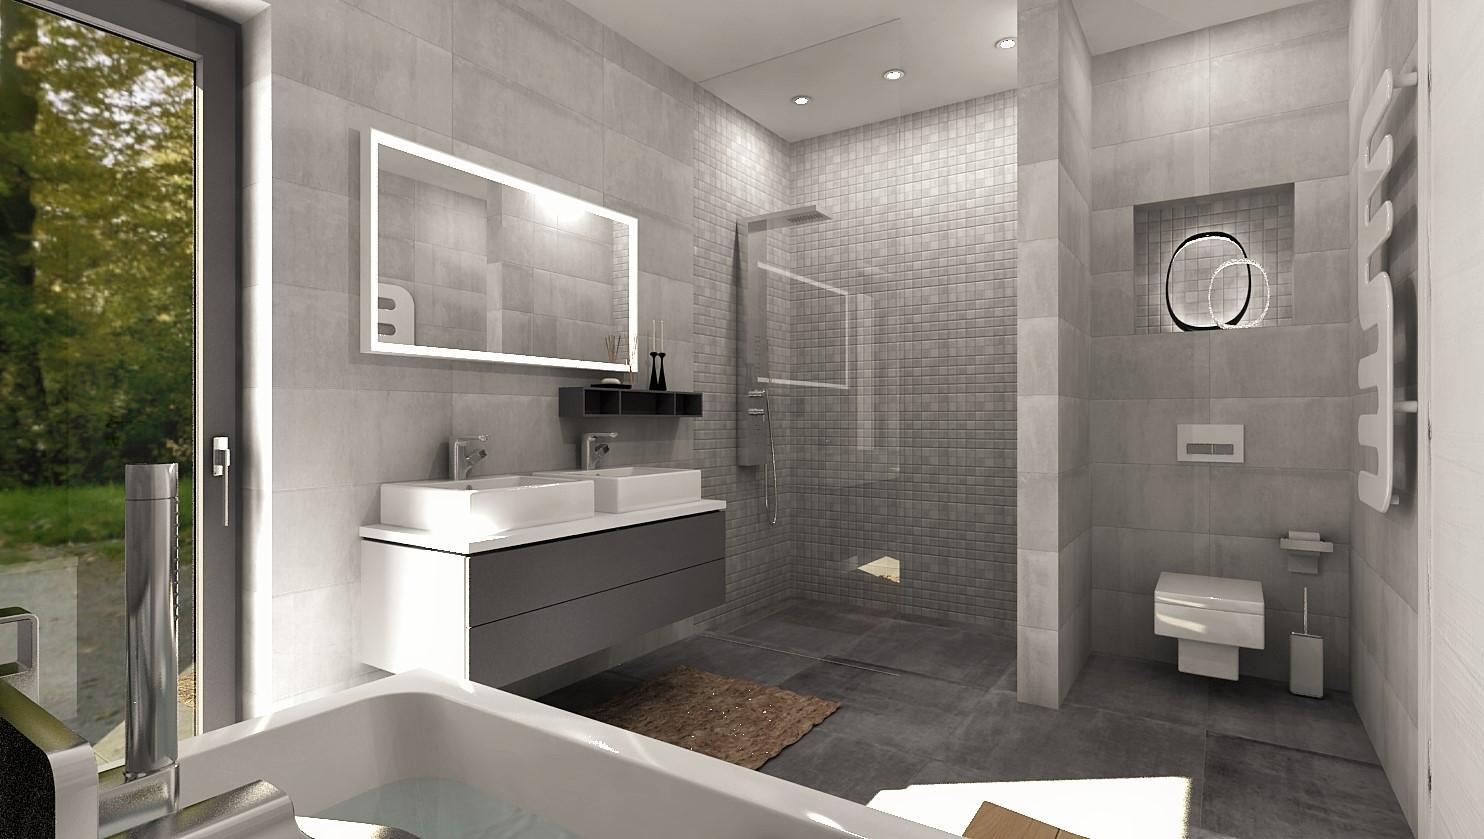 Návrhy a vizualizácie kúpeľní - Obrázok č. 73